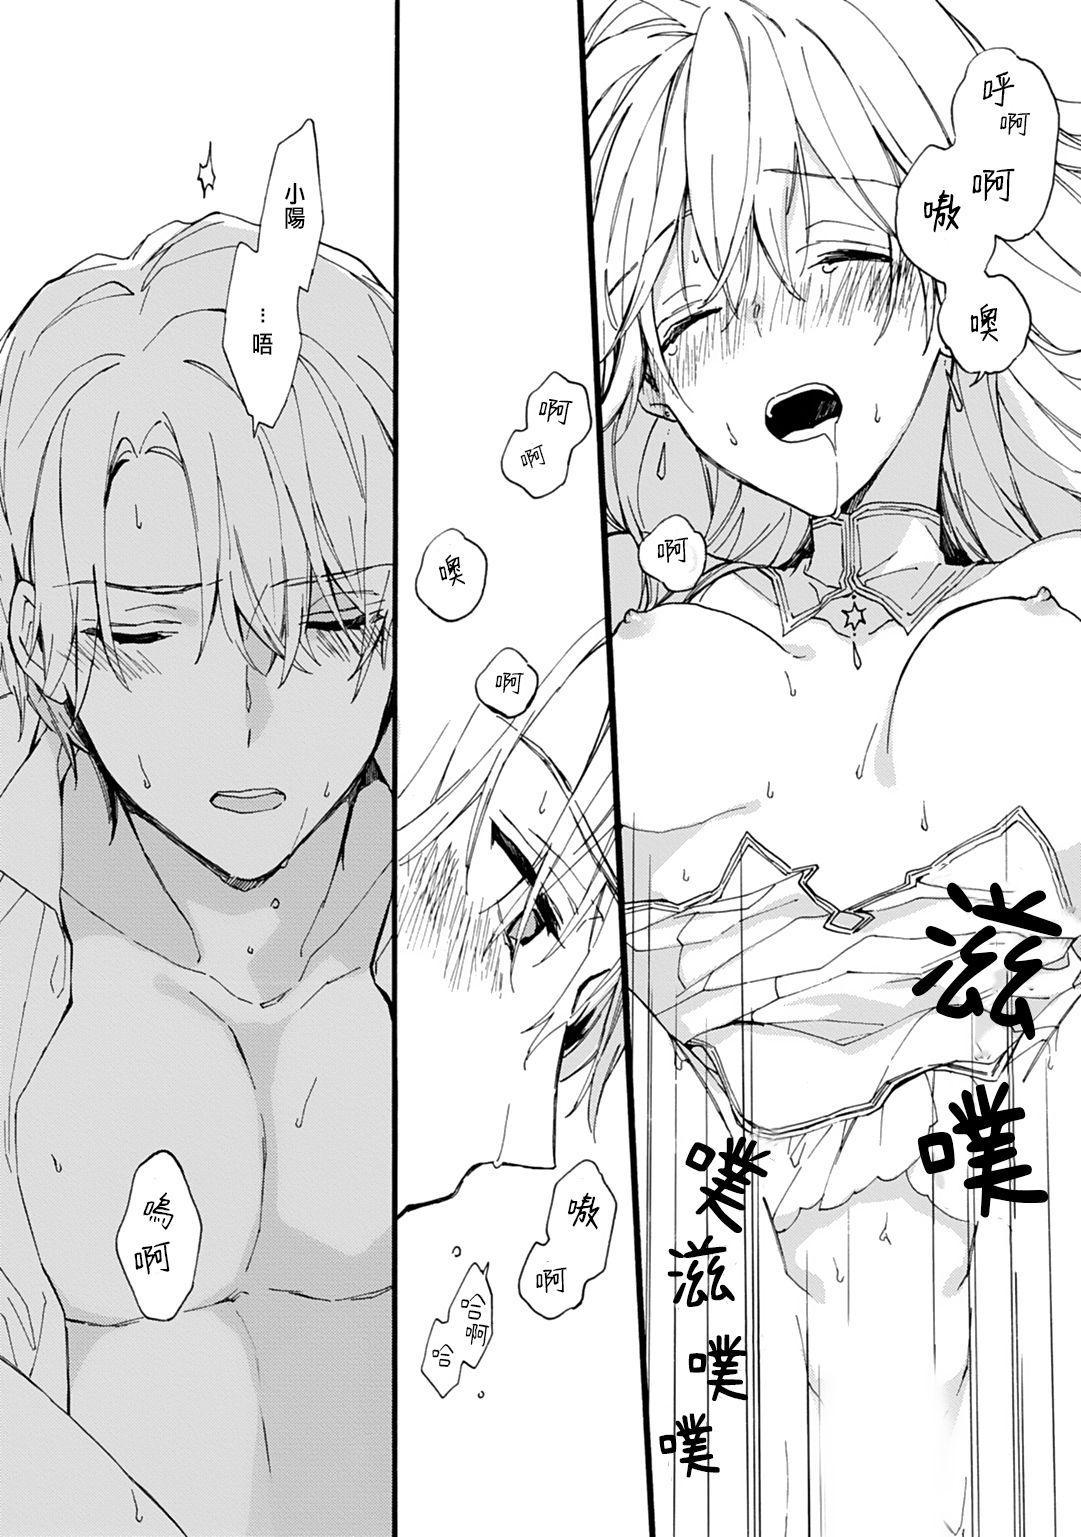 [Suzushiro Nerita] Otomege (18-kin) de Nyotaika shita Ore wa ~Clear Jouken wa Dekiai Ecchi!?~ 1-3 [Chinese] 82